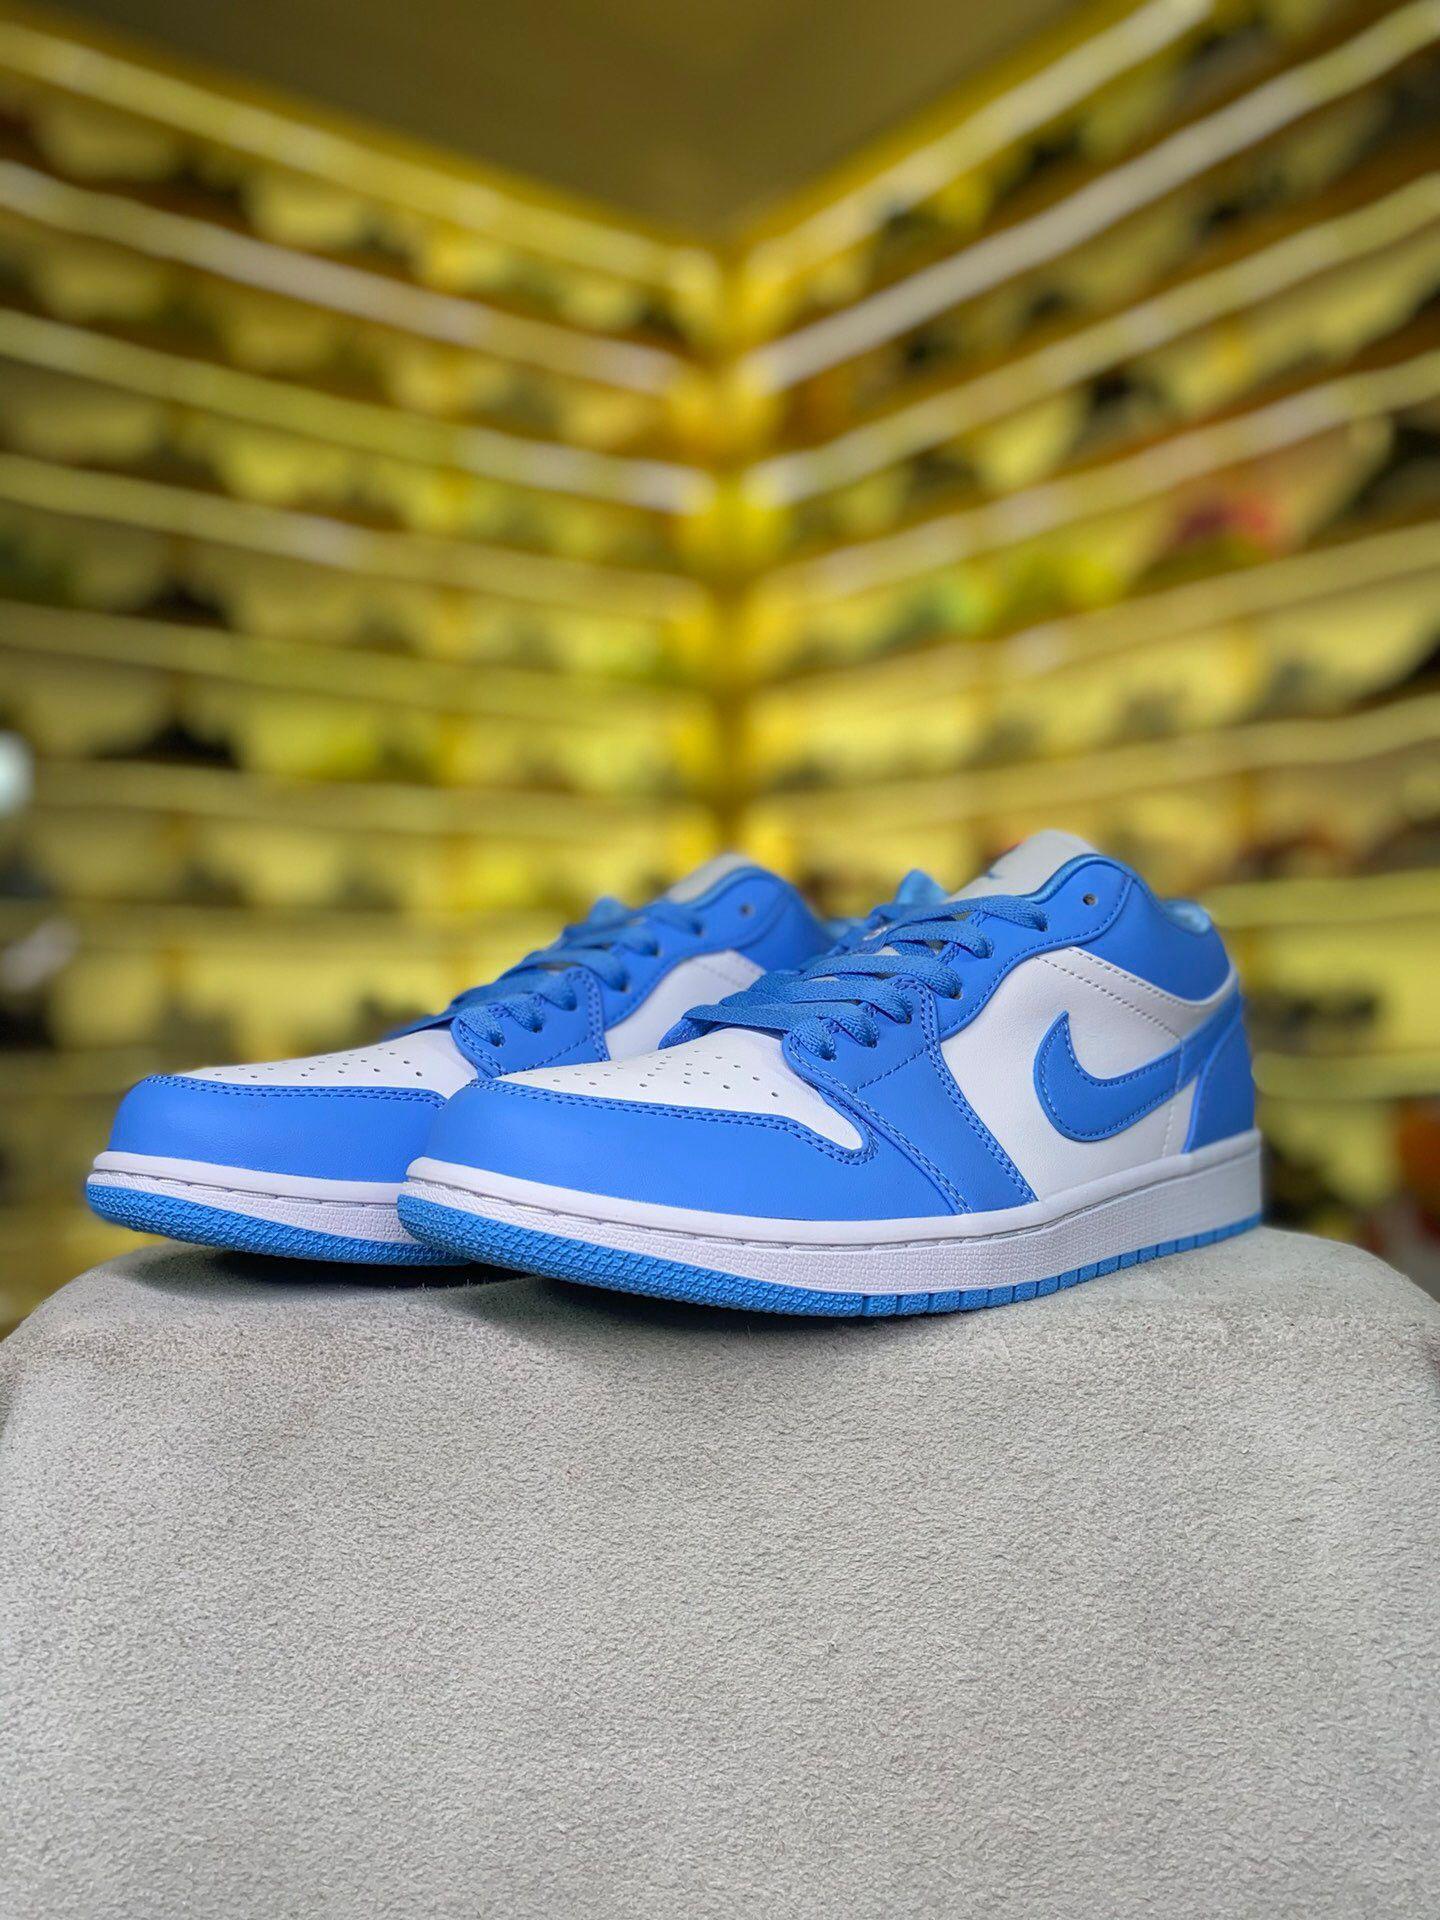 Jordan 1 Low Unc Size 10